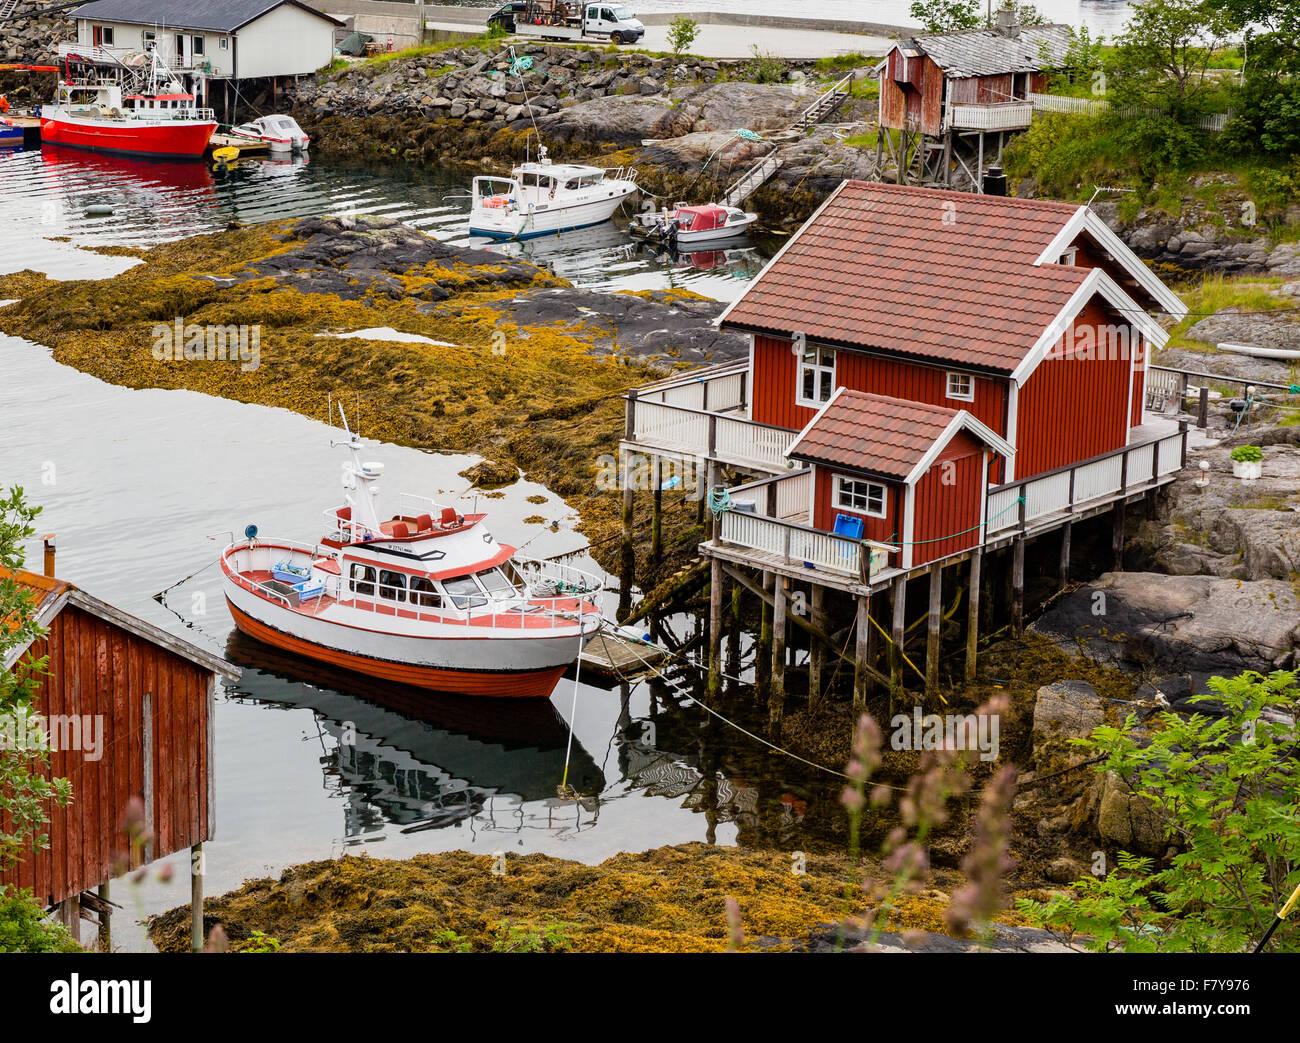 Petite maison sur pilotis et le petit bateau de pêche amarré à quai à Moskenes dans l'ouest Photo Stock